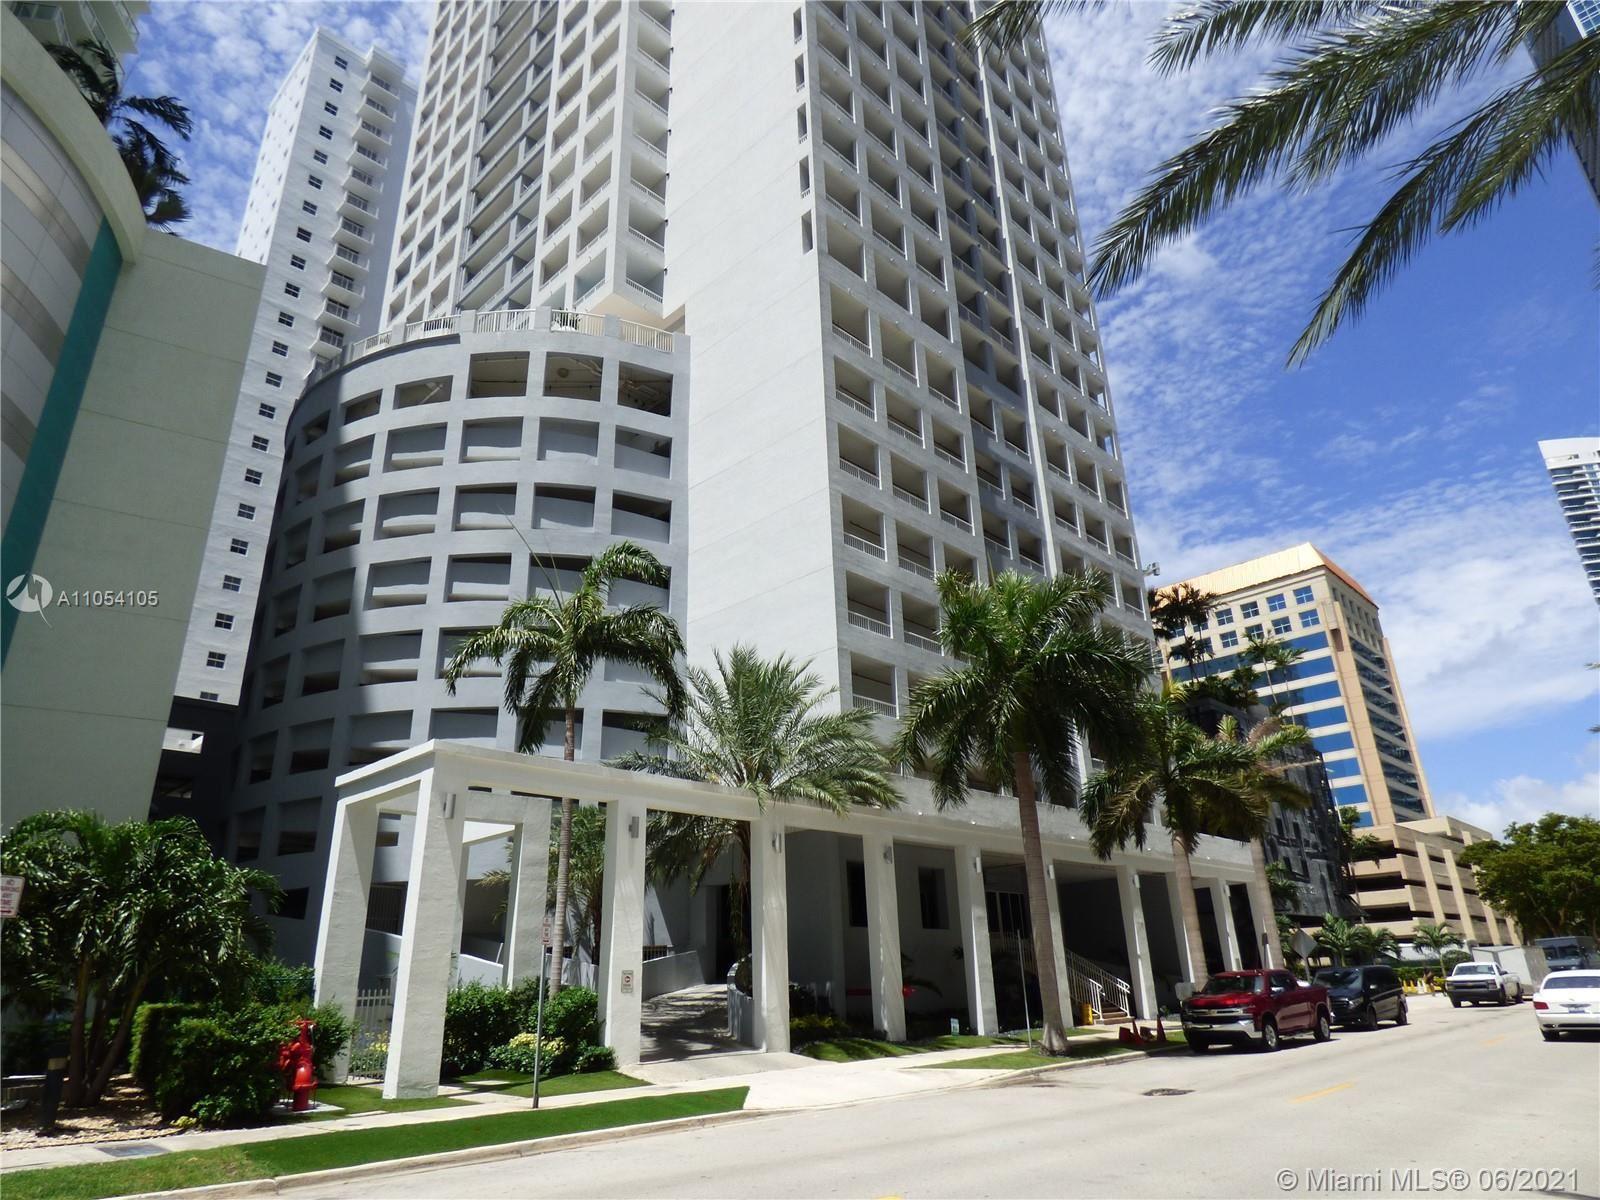 170 SE 14th St #2905, Miami, FL 33131 - #: A11054105